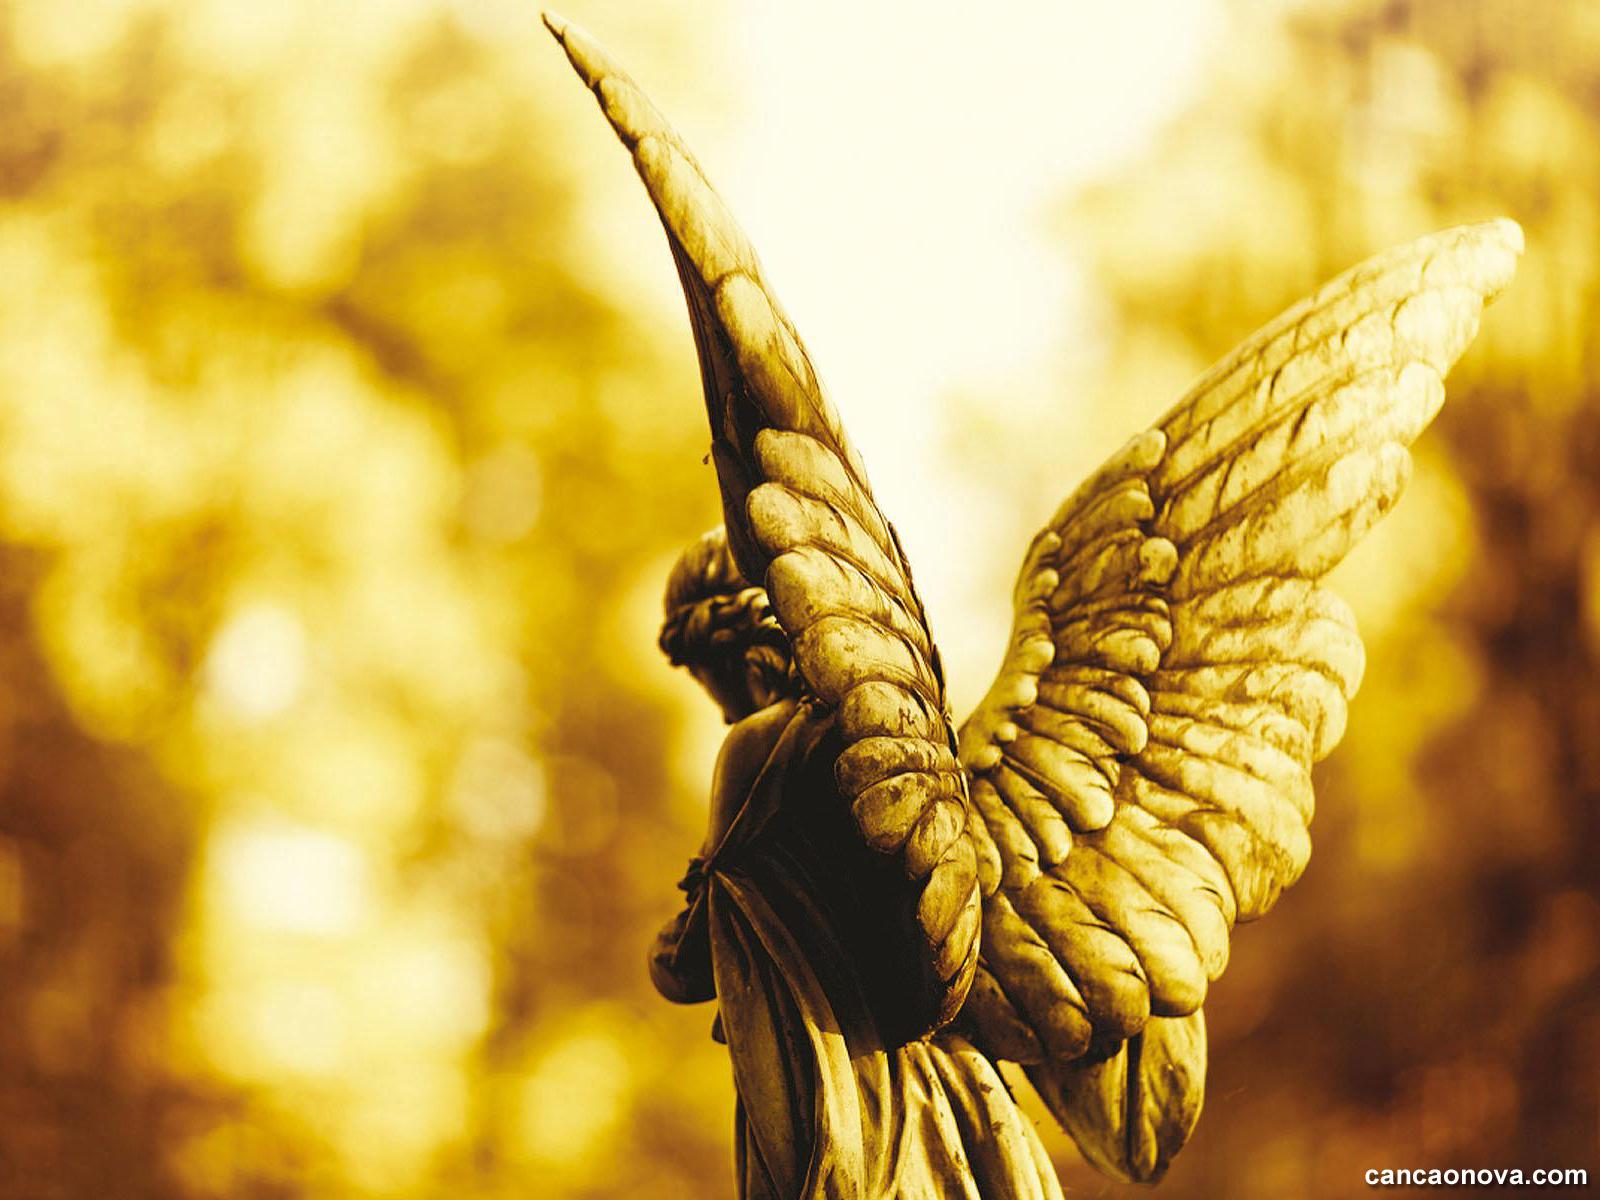 Reze-a-oração-ao-Anjo-da-Guarda,-poderoso-protetor